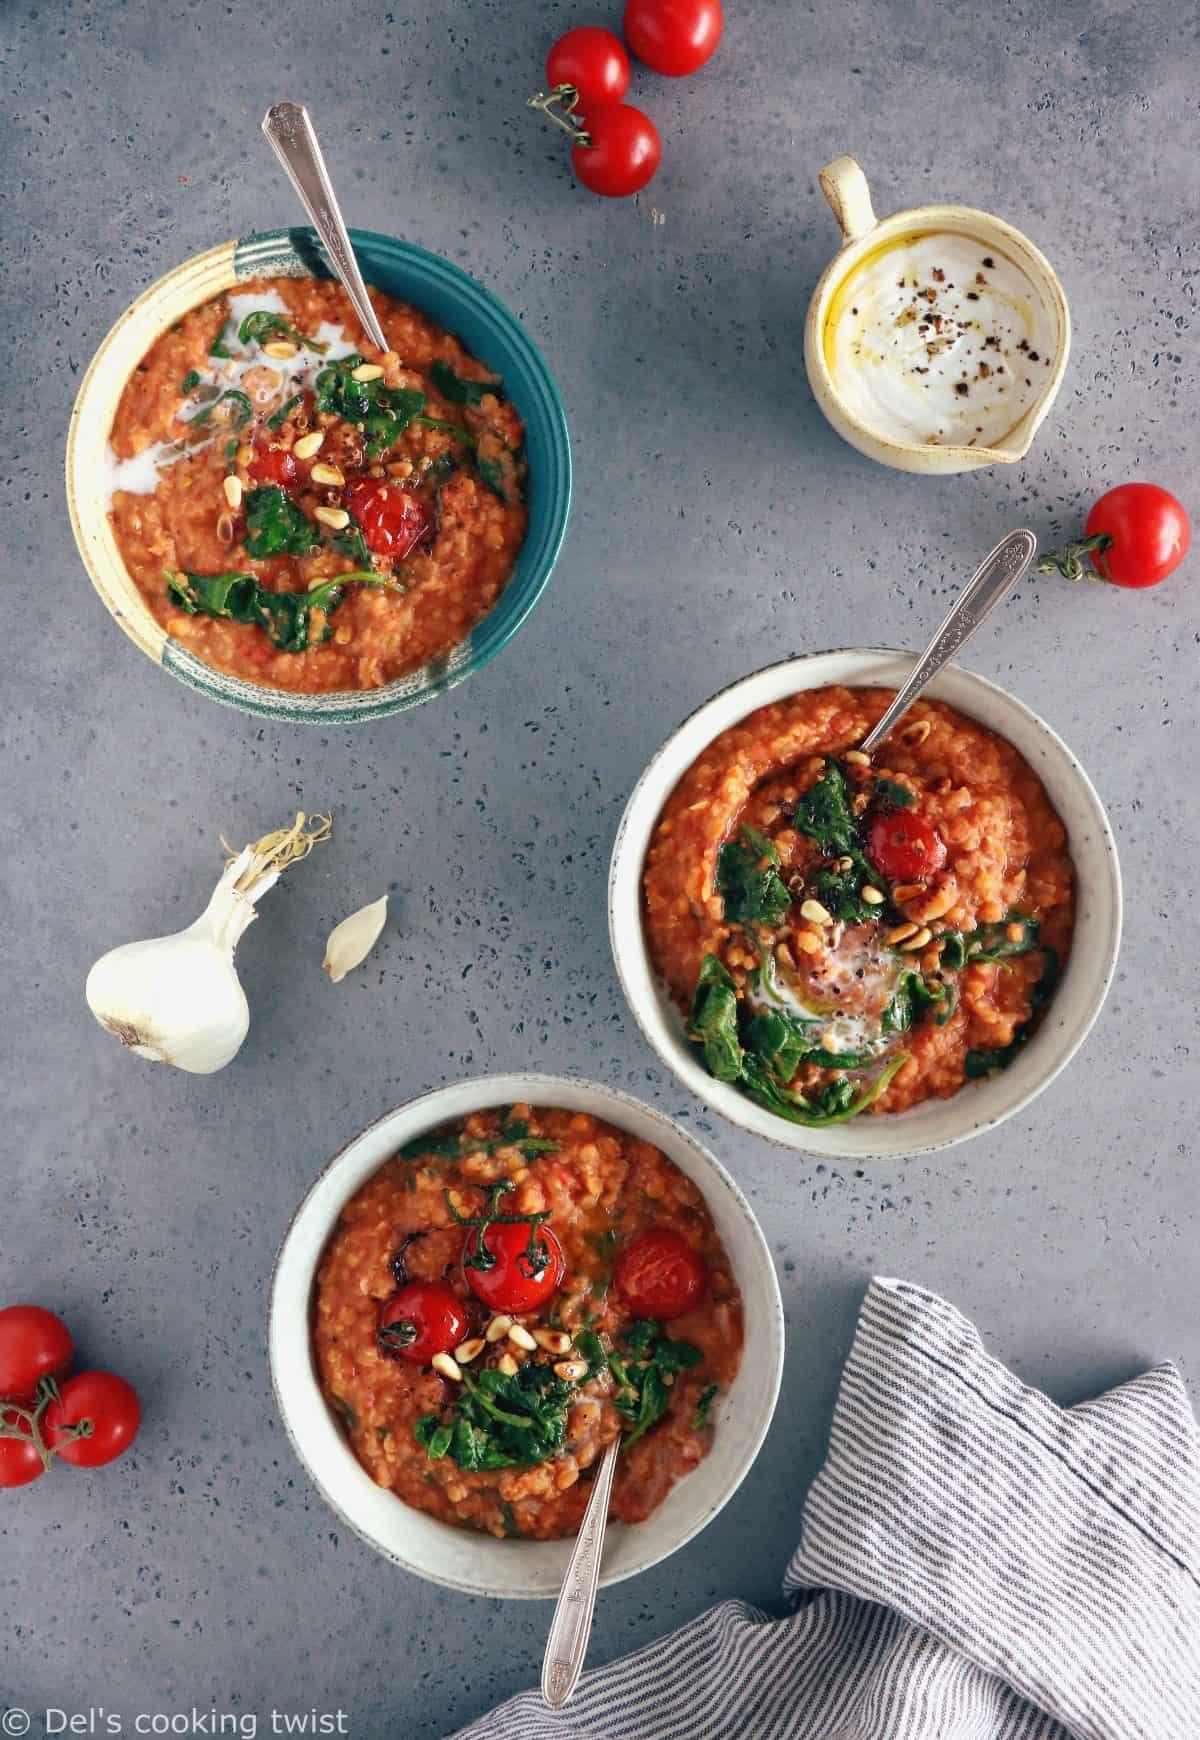 Les lentilles corail aux tomates et épinards constituent un plat simple aux saveurs réconfortantes. Parfait pour se réchauffer, ce plat est également parfaitement sain, naturellement vegan et sans gluten.